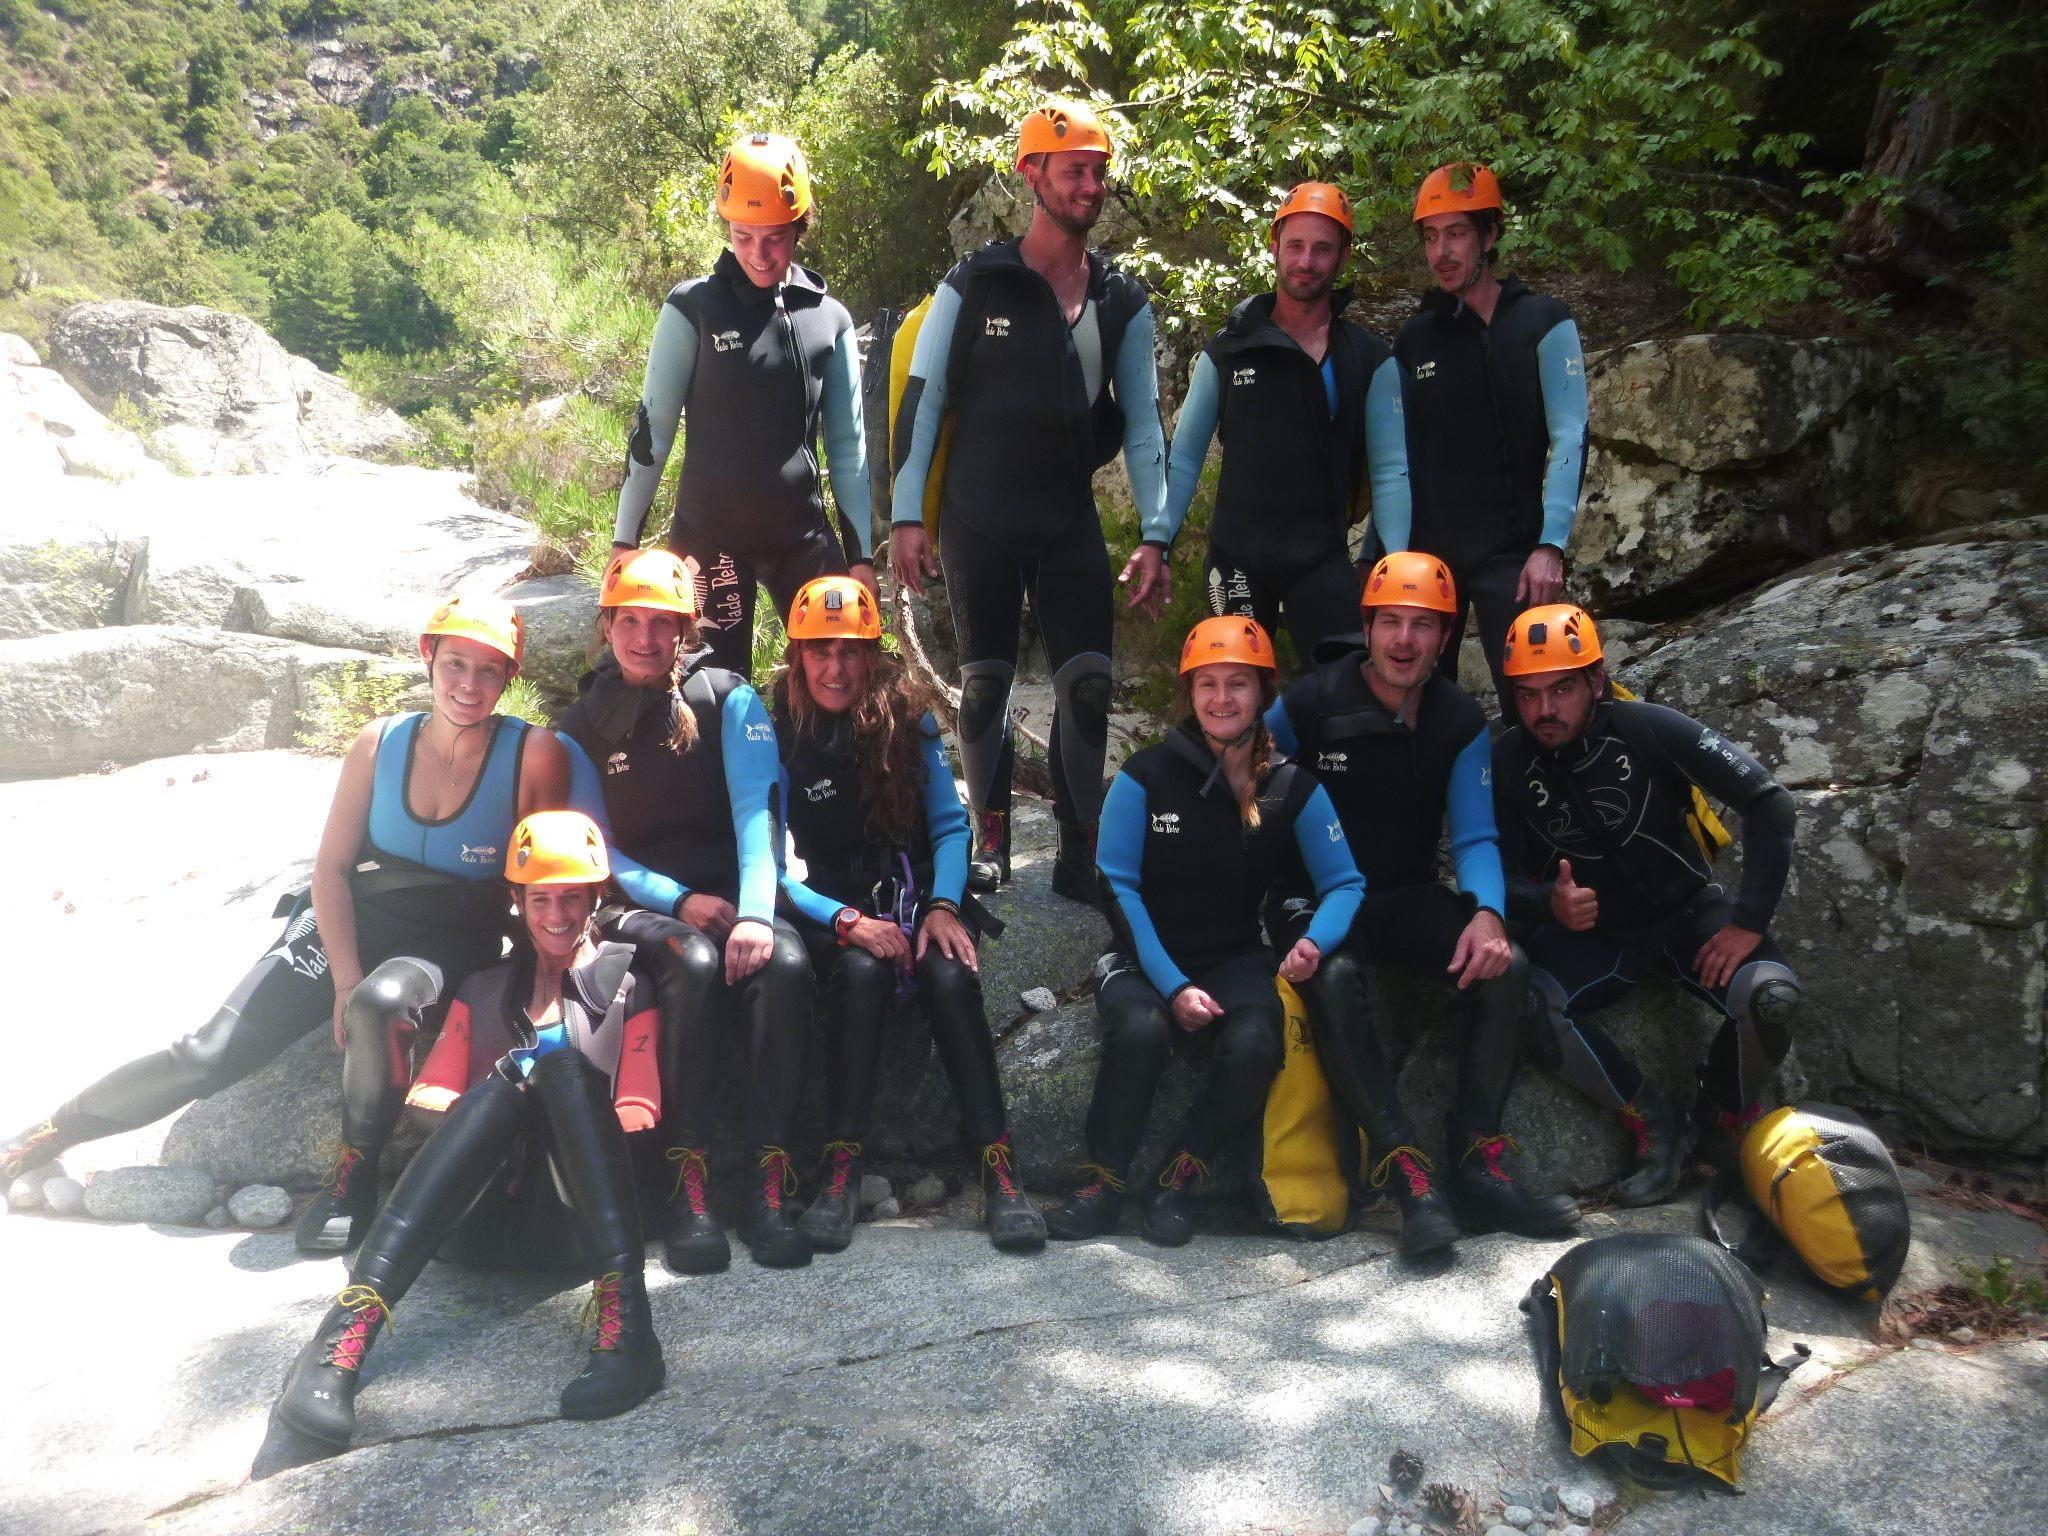 La Corse aventure, circuit multi activité en famille